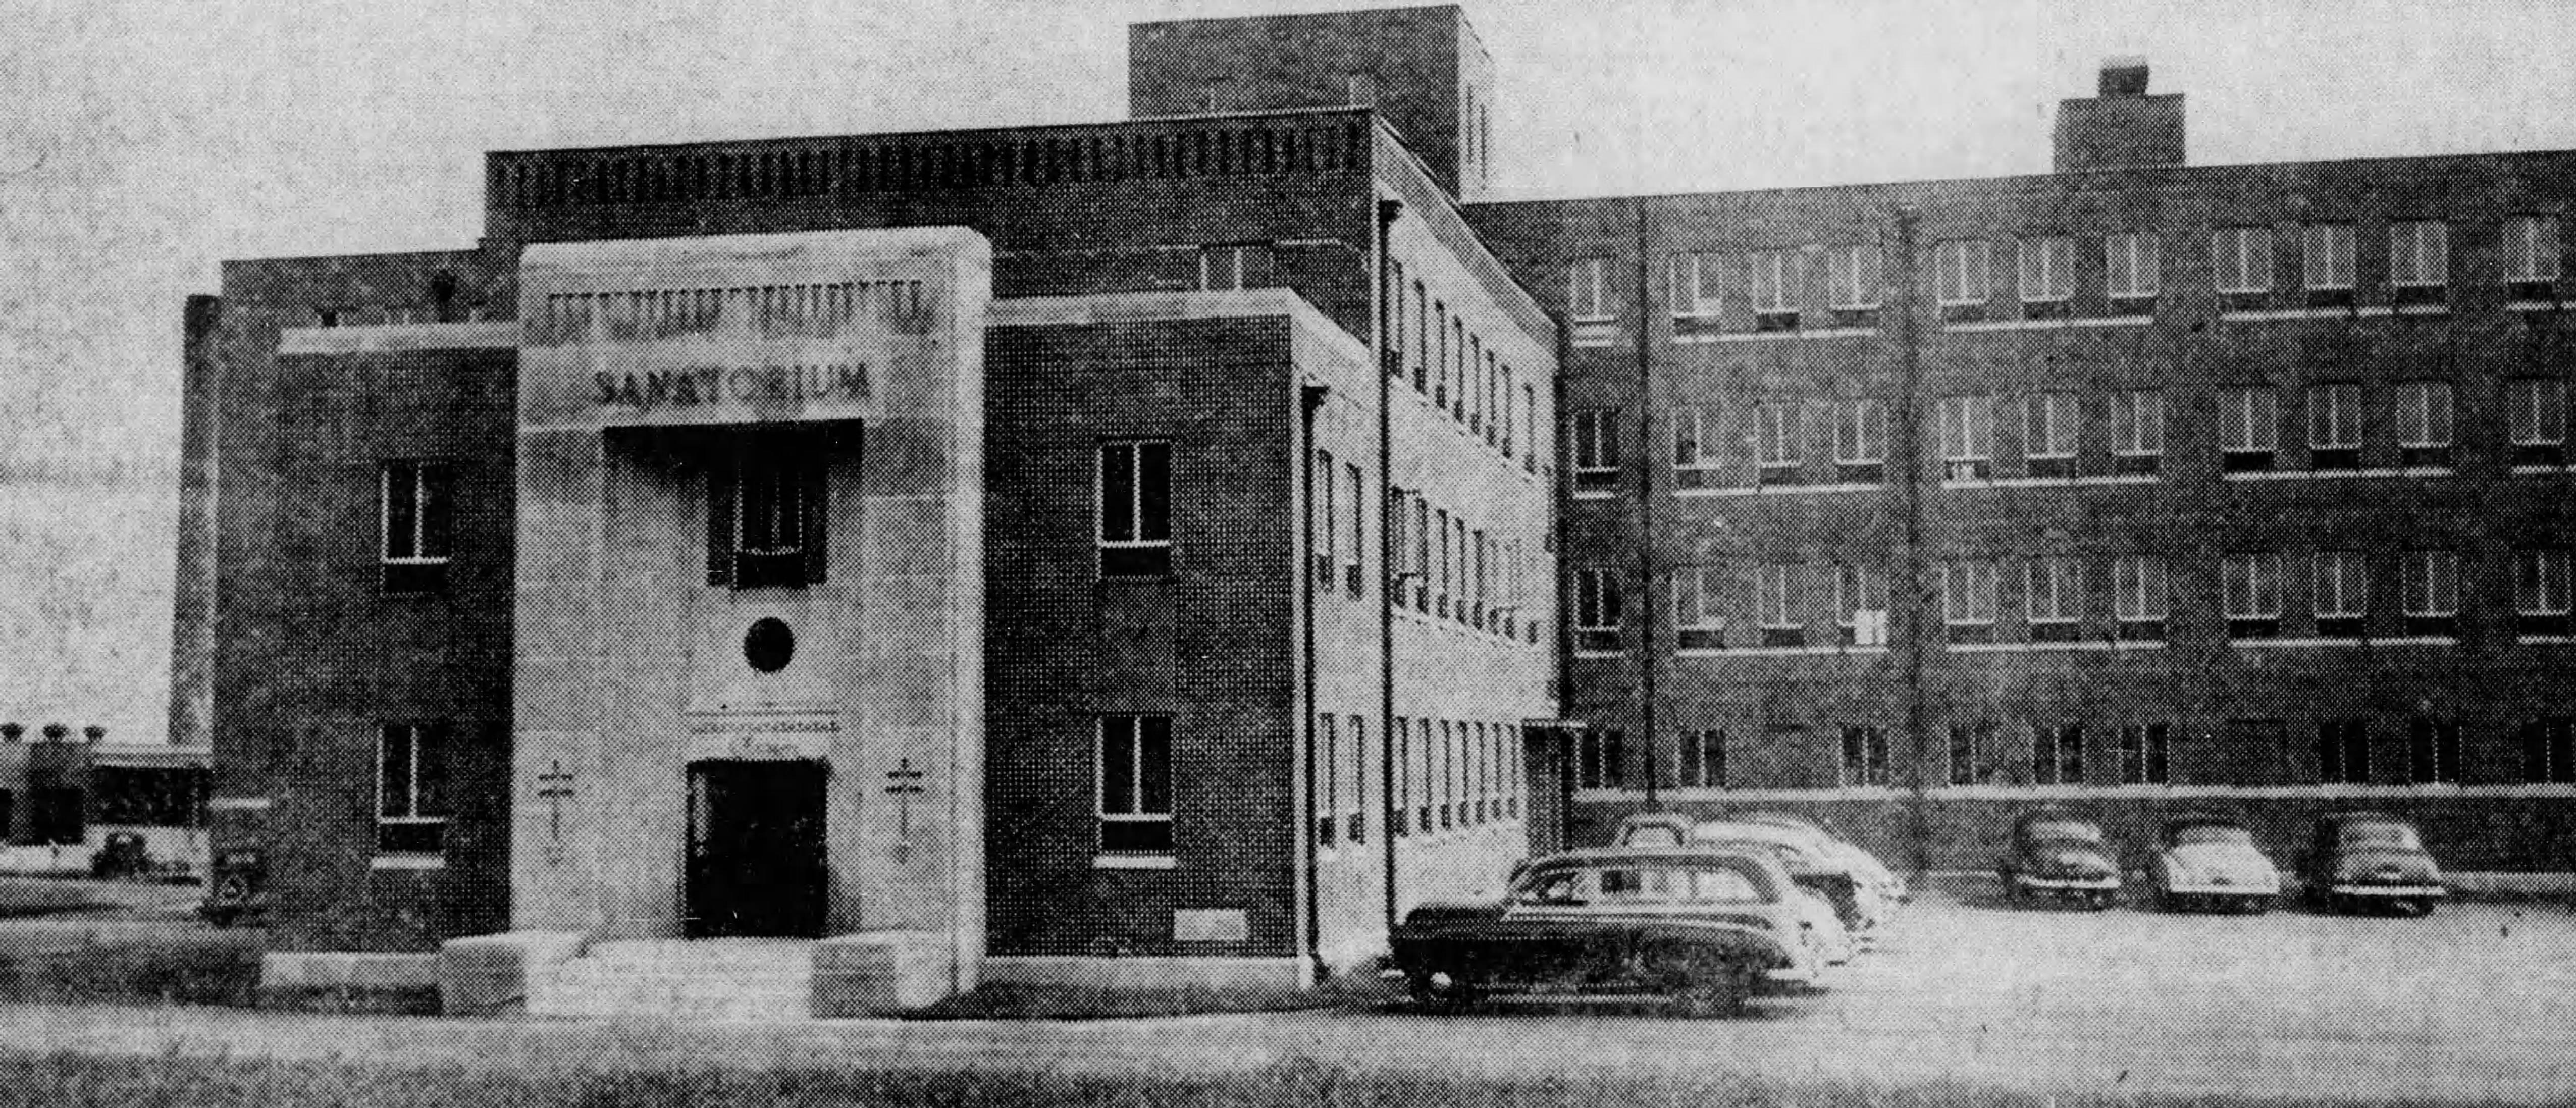 Madisonville Sanatorium in 1950